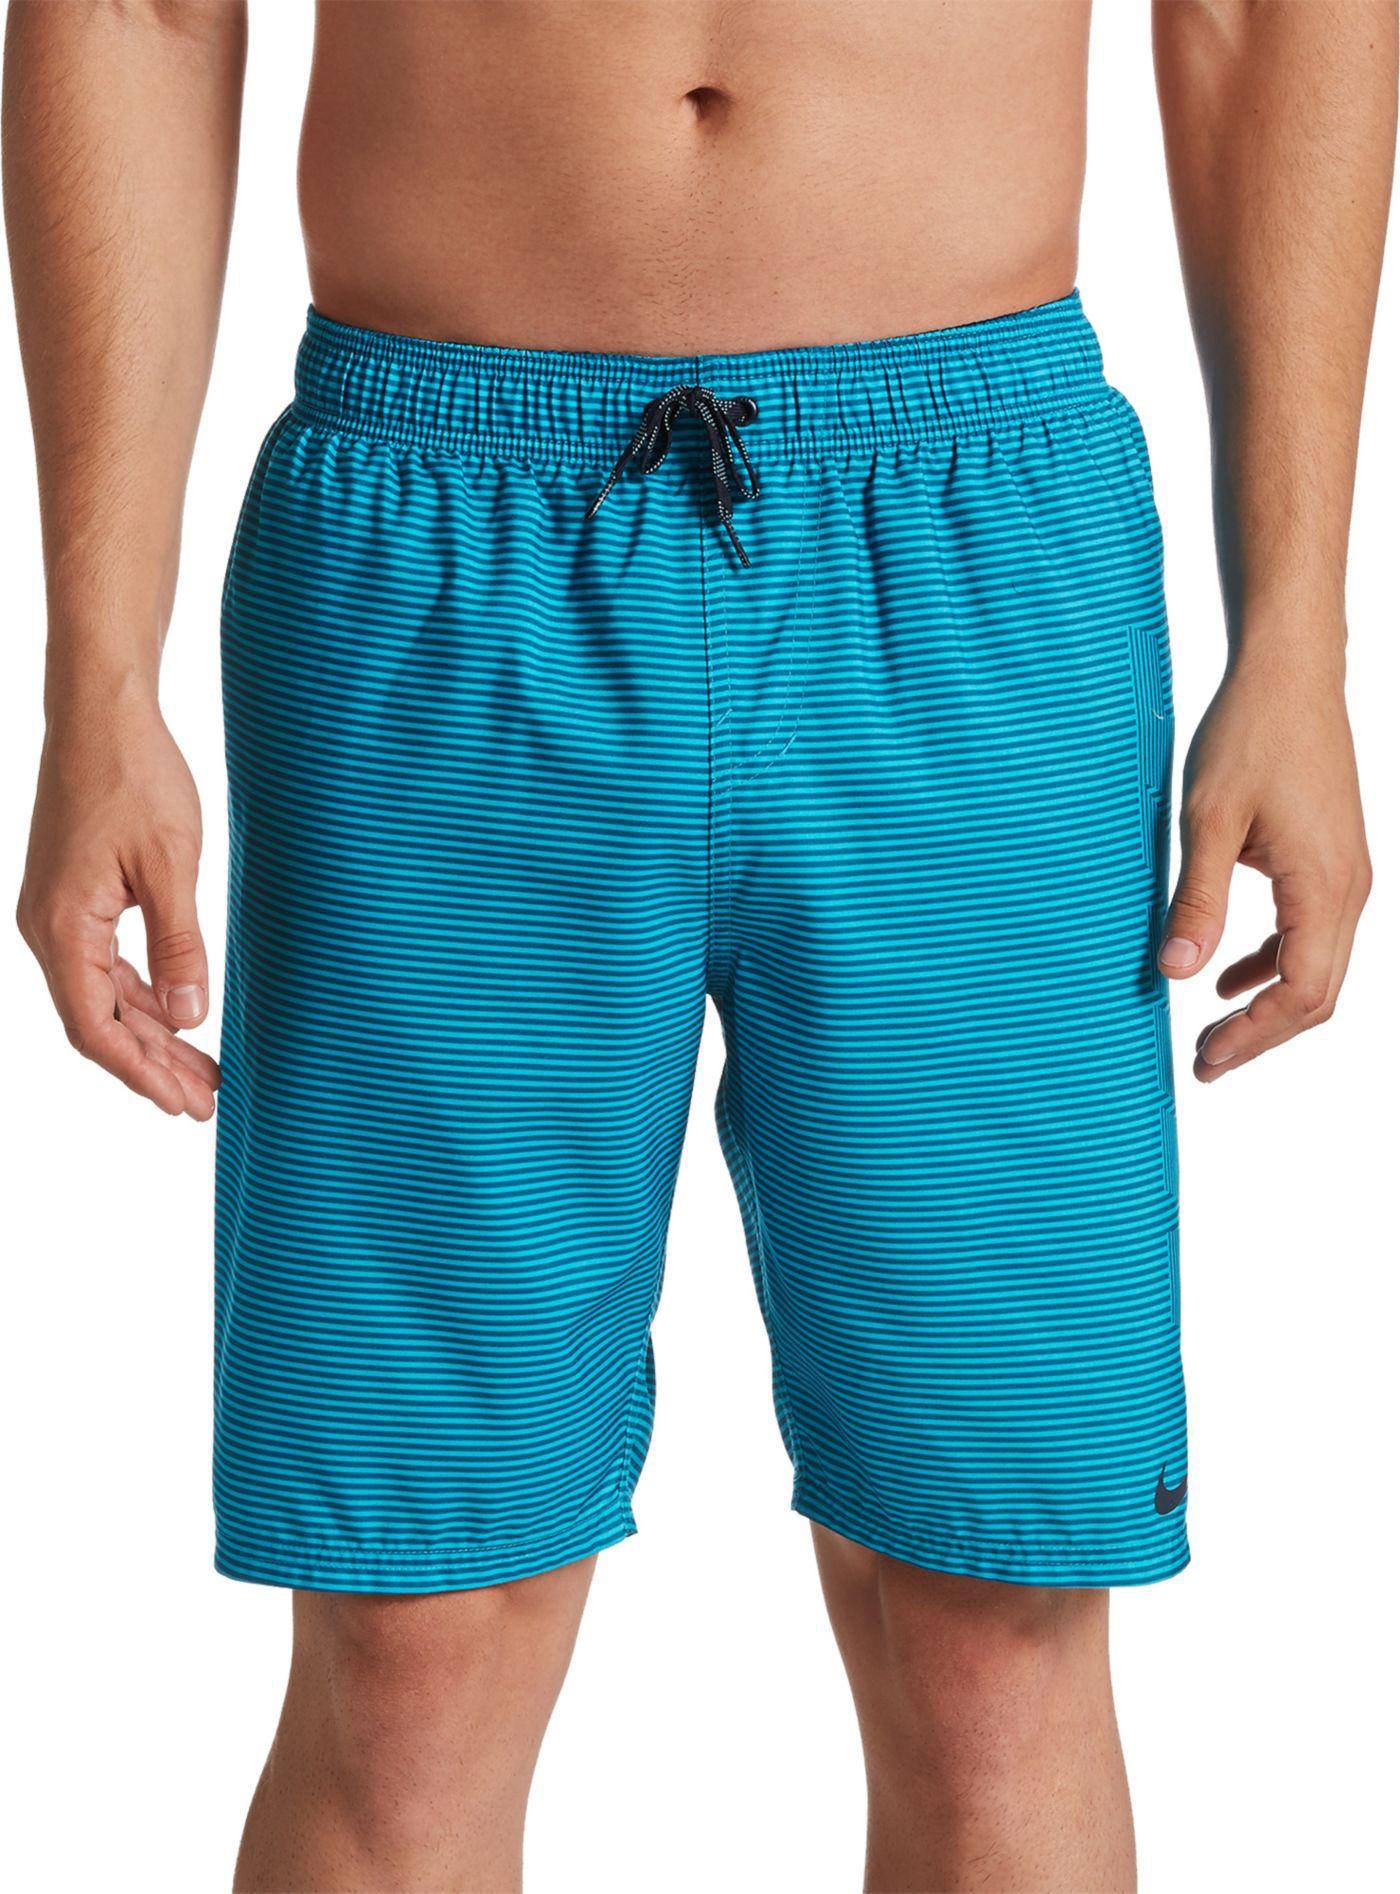 Nike Men's Line Break Breaker Swim Trunks